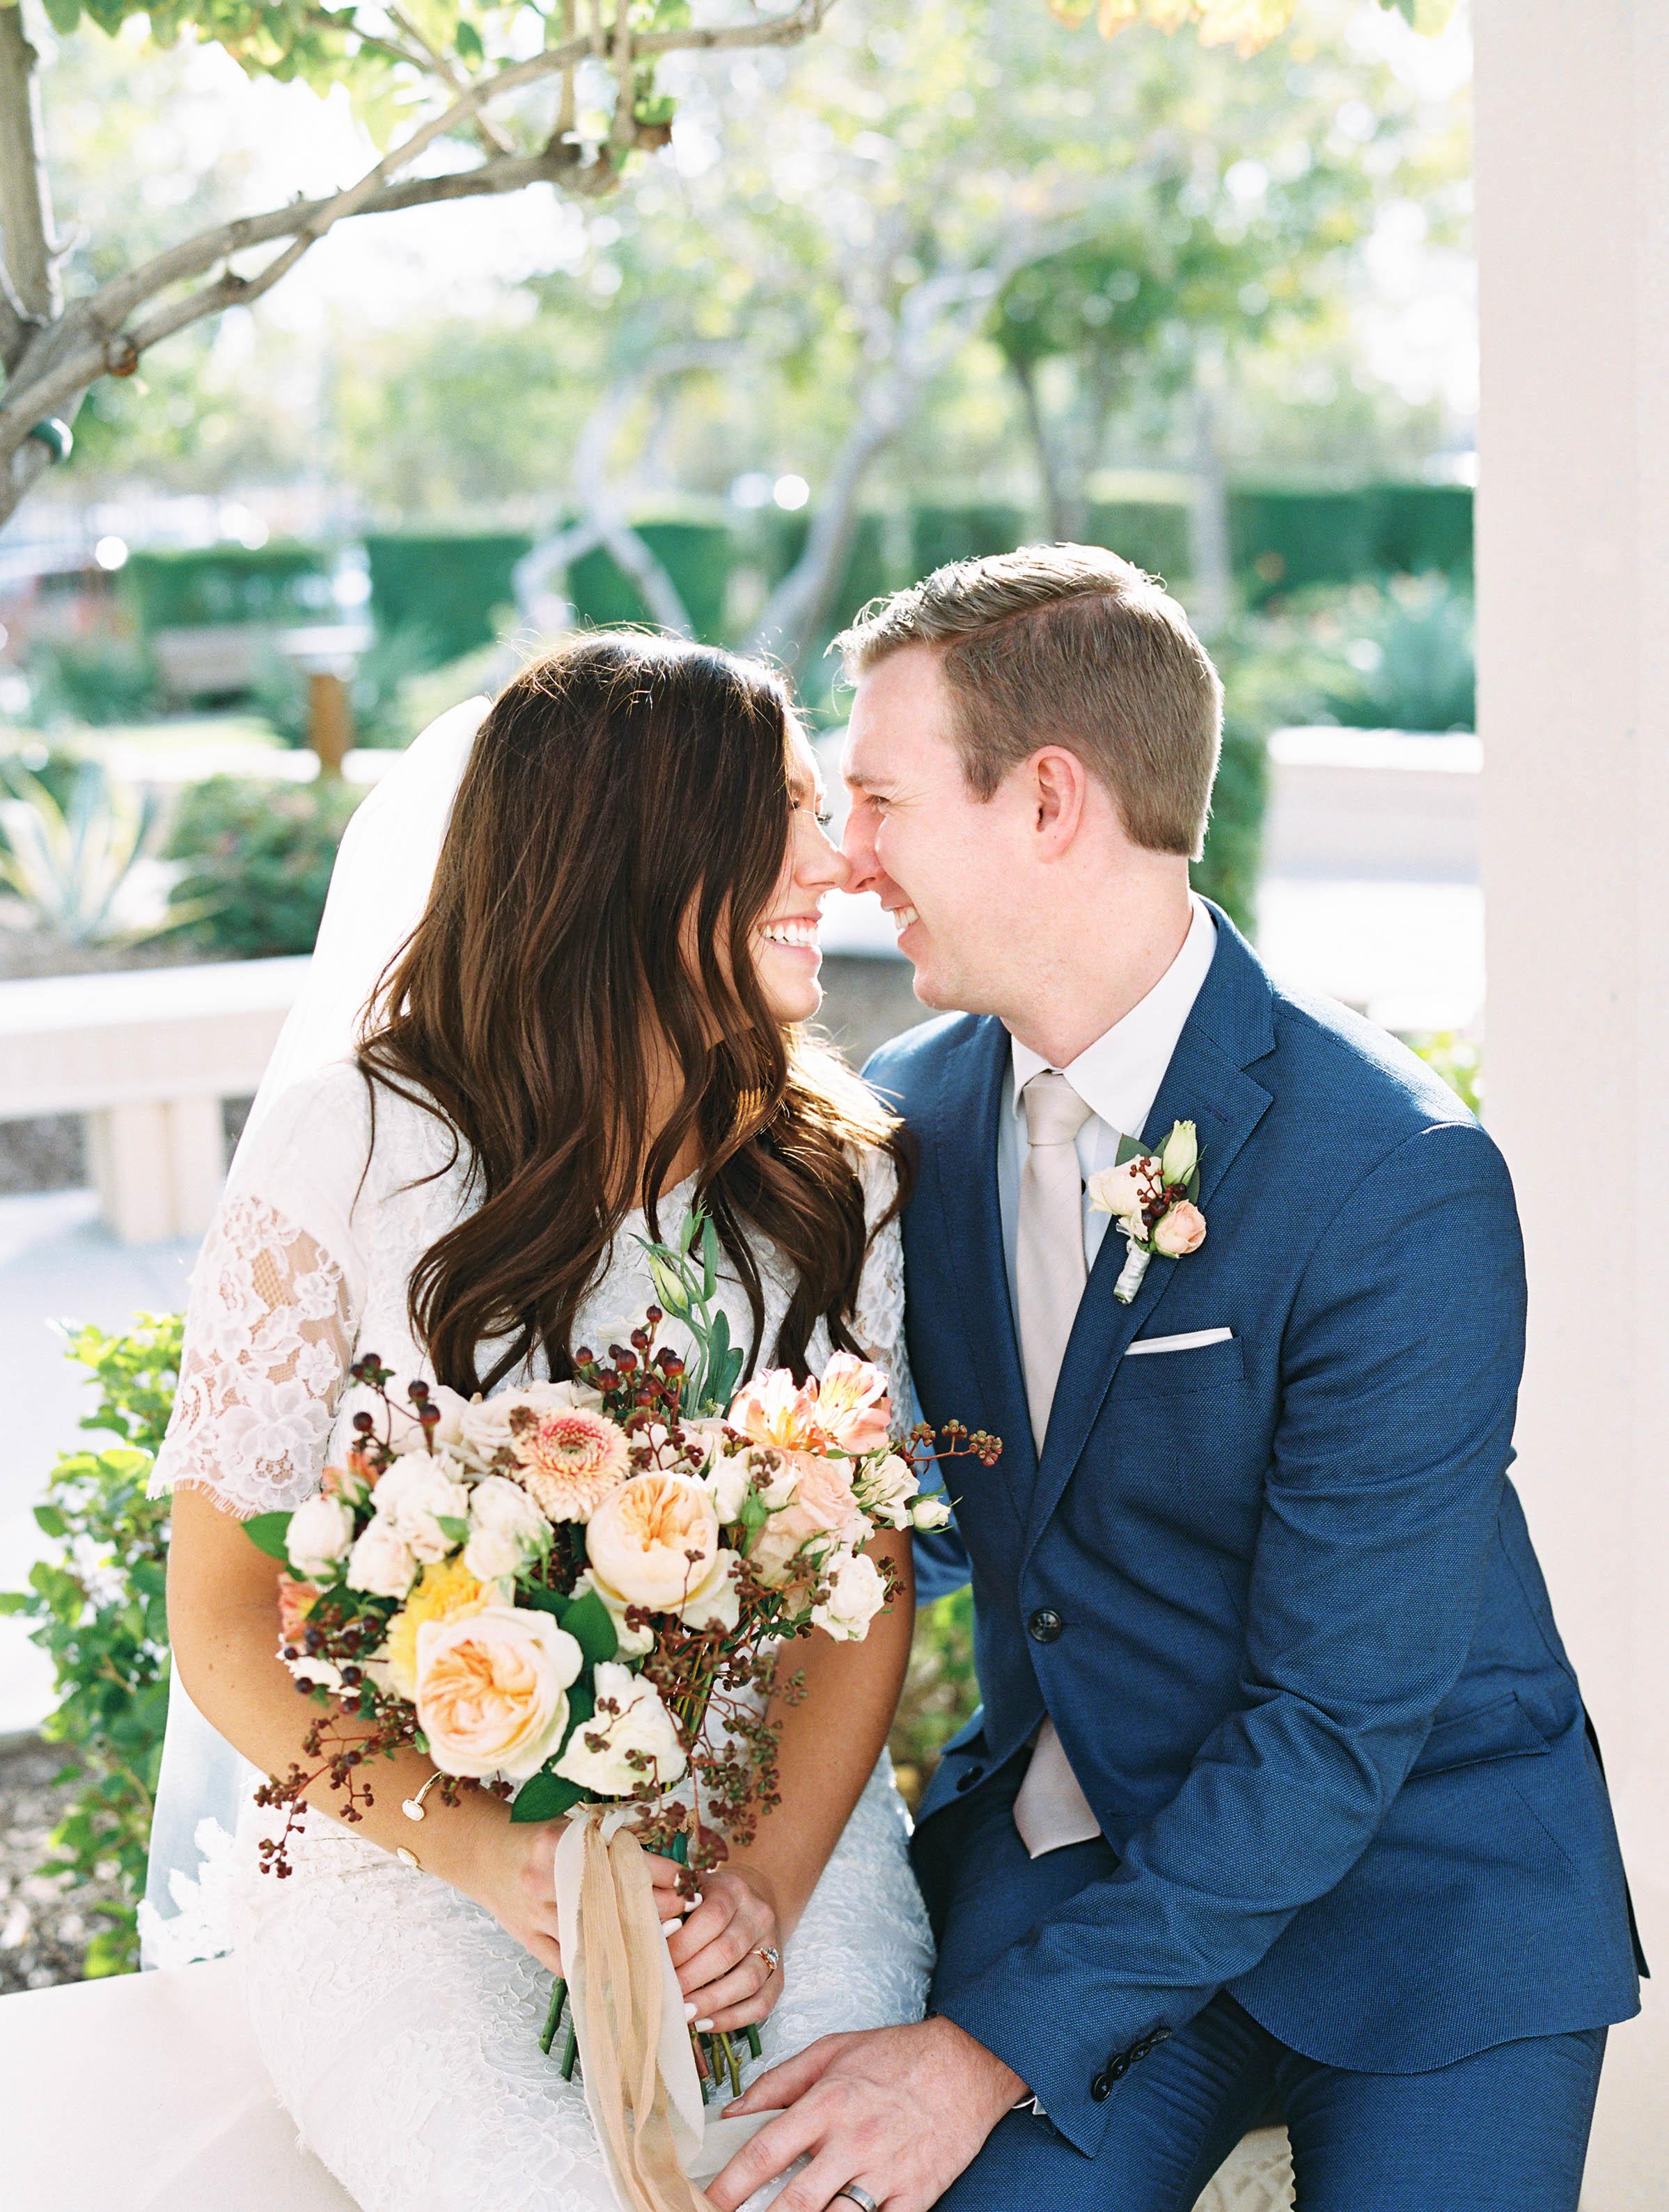 kelsandmichael_weddingphotography_coffey-36.jpg